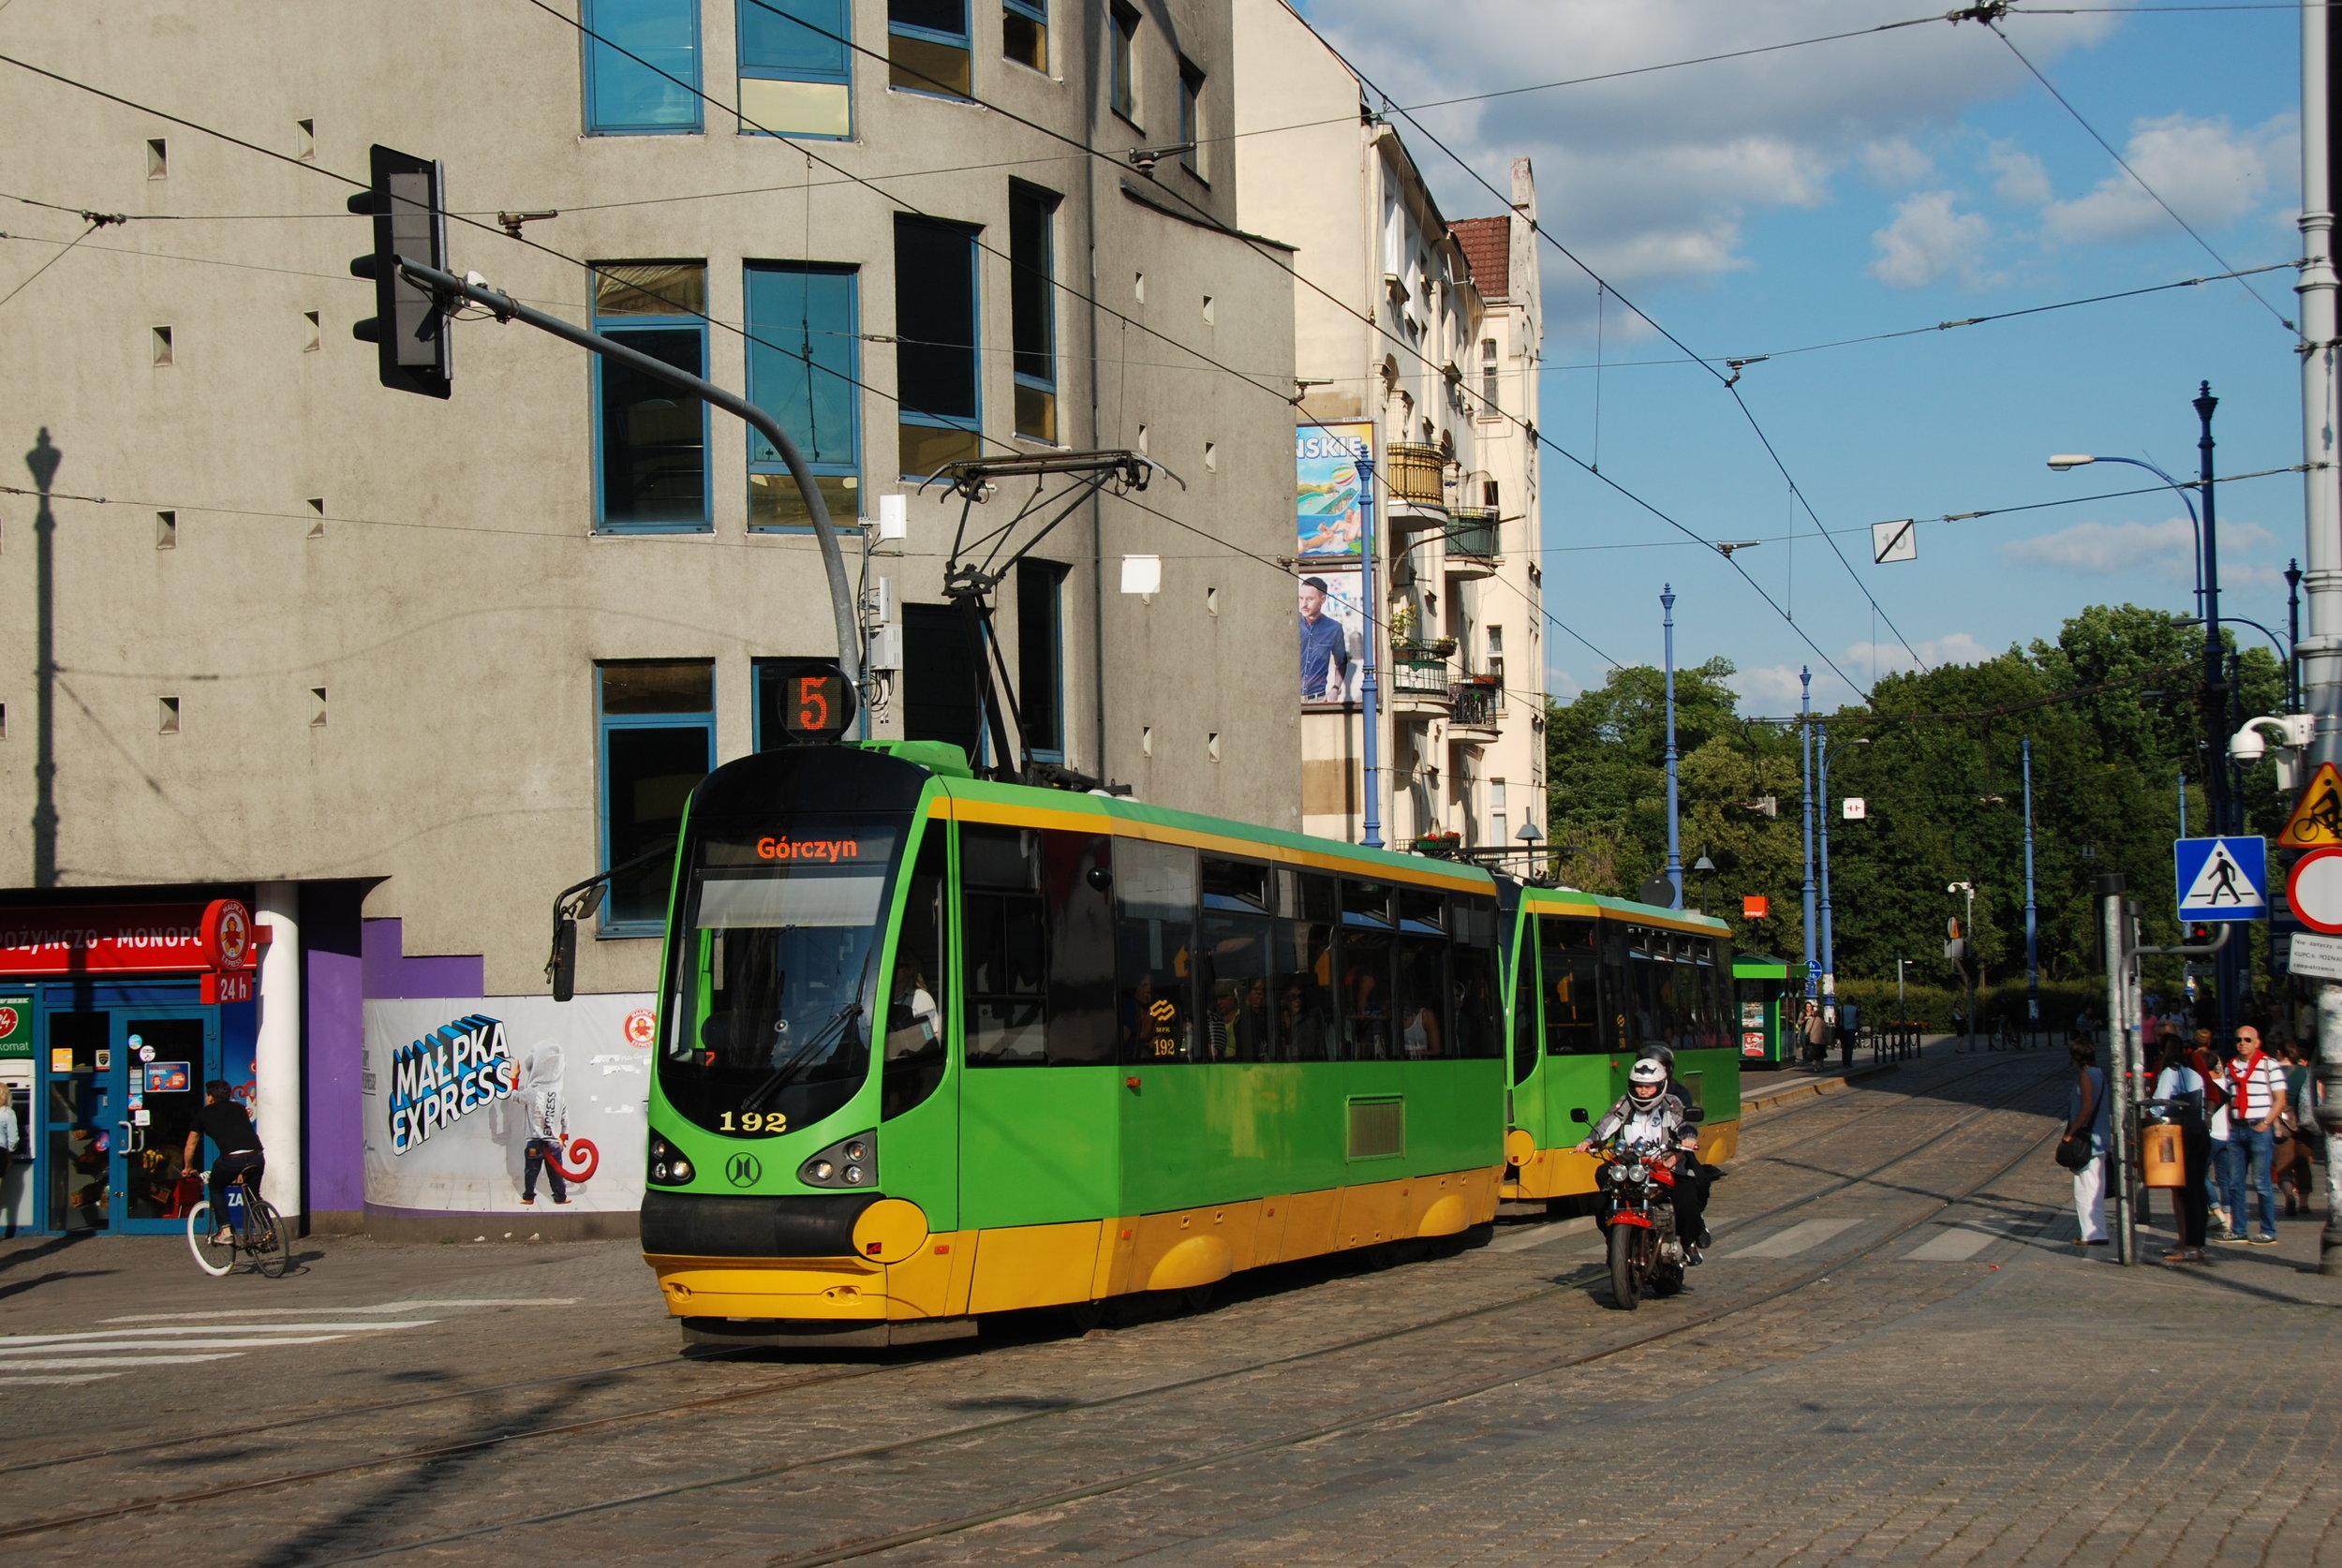 """Tramvaje Moderus Alfa vznikají oficiálně jako modernizace starších vozů Konstal 105N a 105Na. V různých verzích bylo vyrobeno a předáno polským dopravcům již více než 150 těchto tramvají. Na snímku vidíme """"dvojče"""" poznaňských vozů. (foto: Libor Hinčica)"""